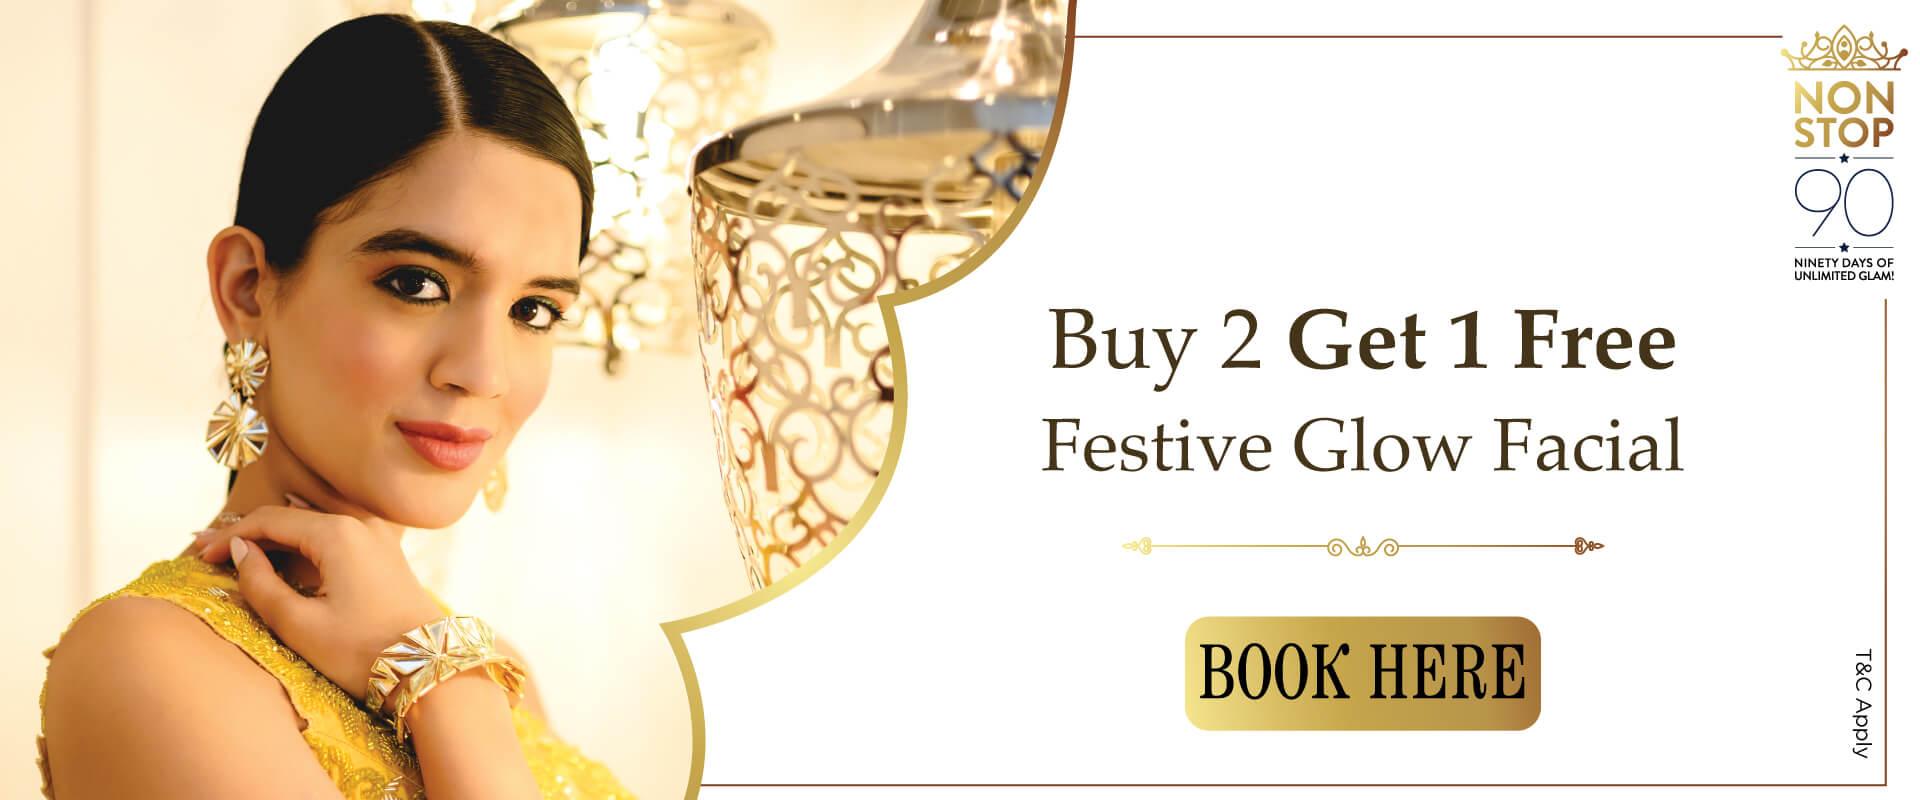 Festive Glow Facial @ Biguine India